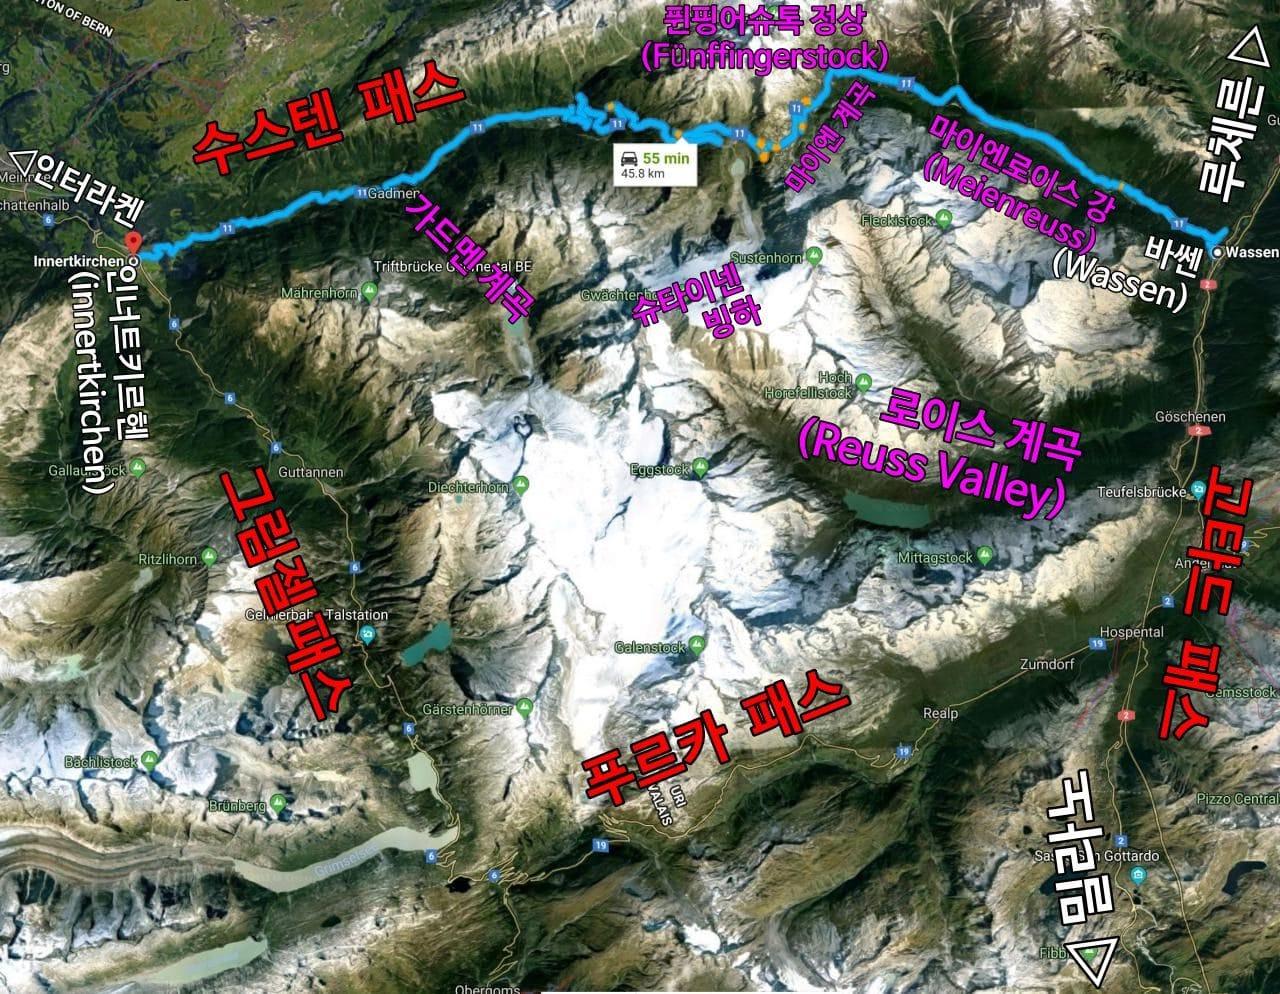 스위스 자동차 여행, 수스텐 패스(Susten PASS) 주요 루트 맵(Route Map), Image - Happist